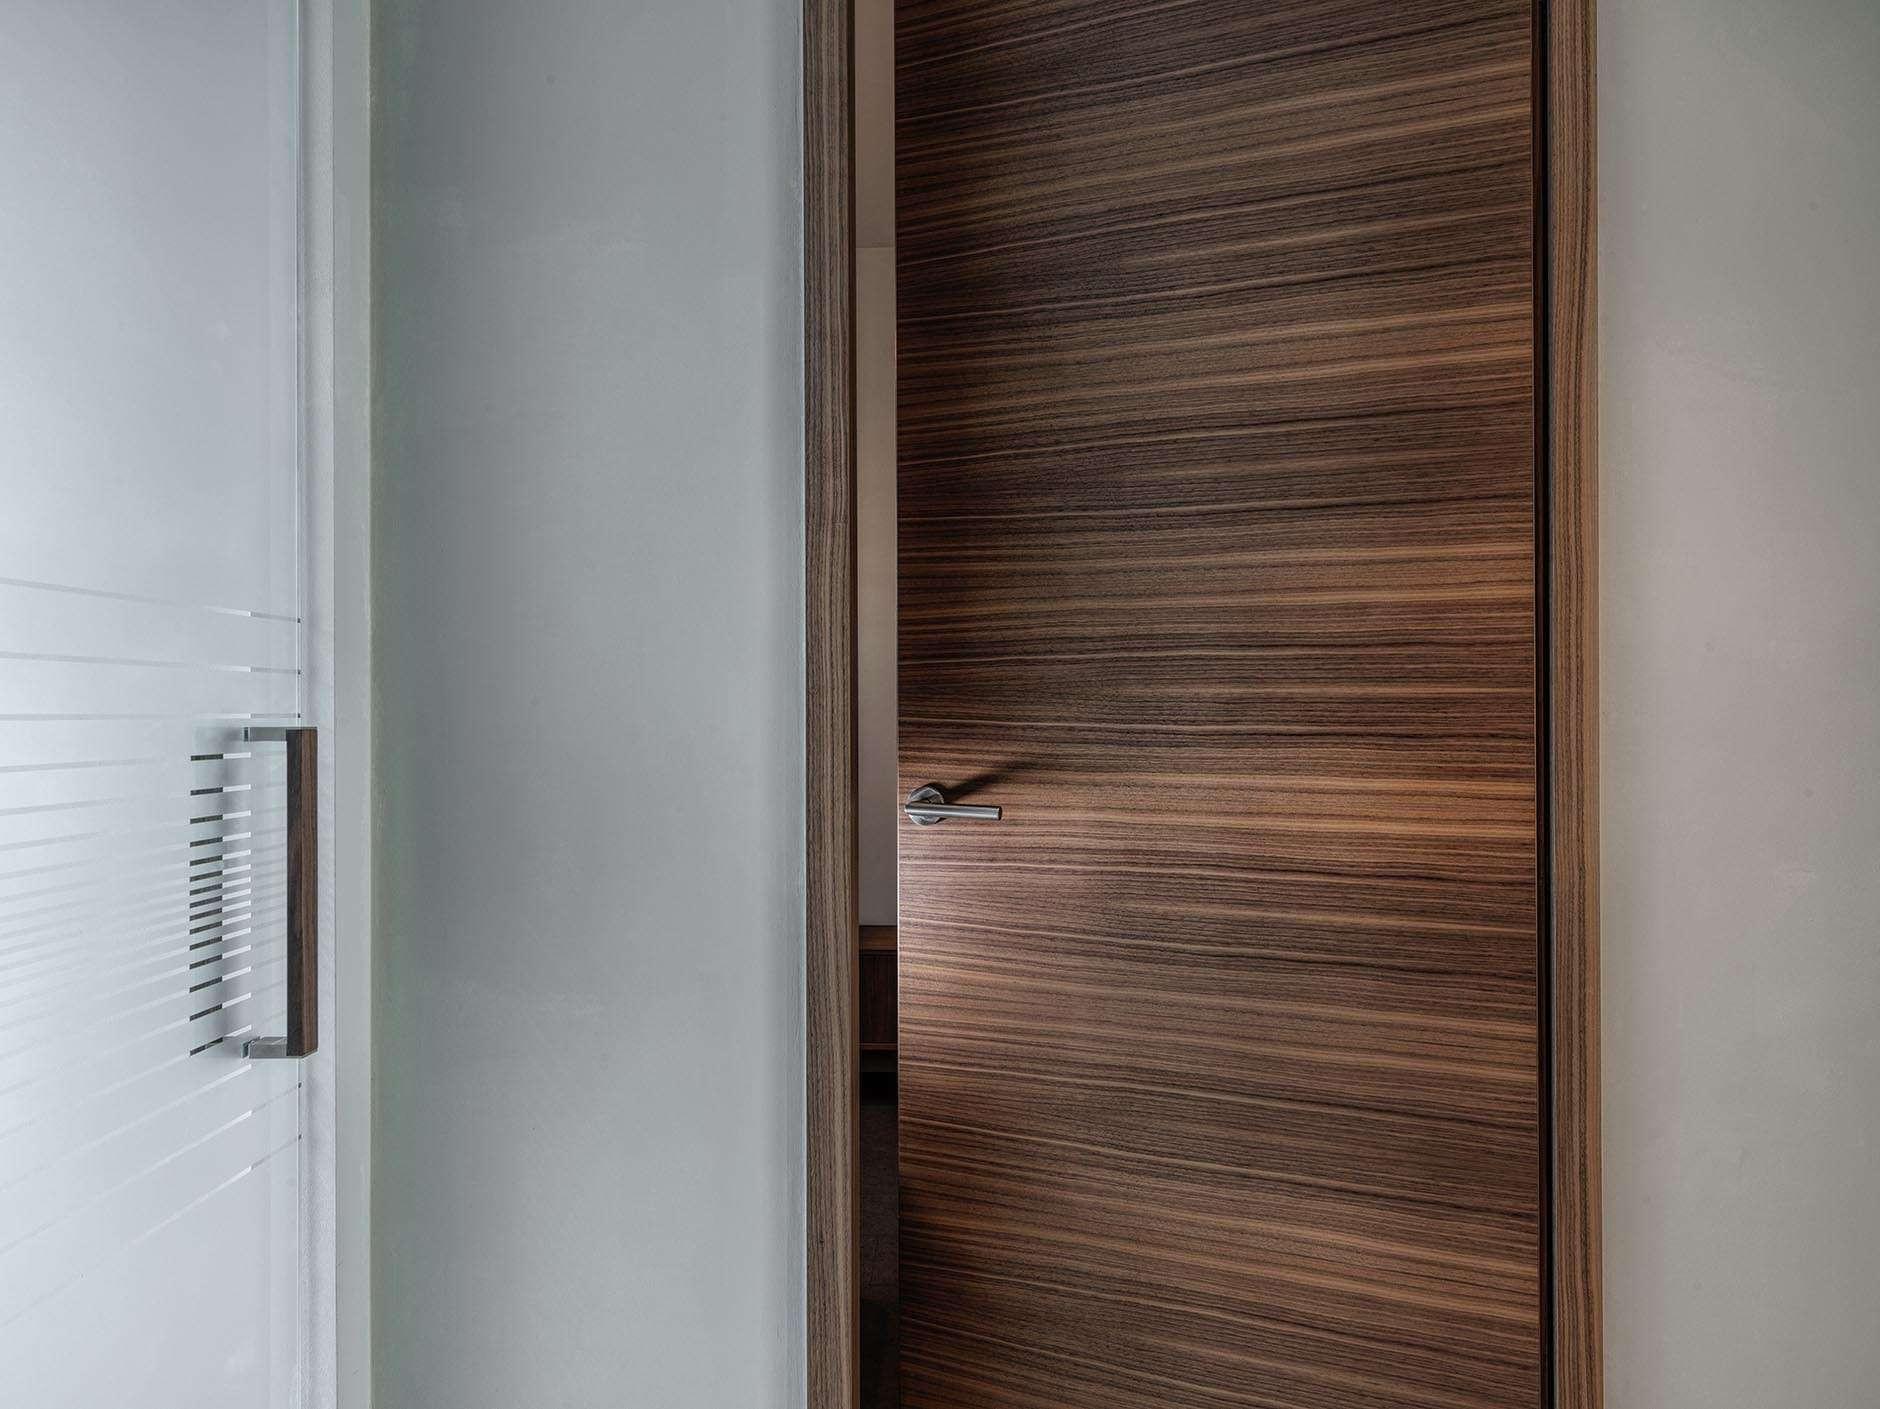 binnendeur-bijpassende-glazen-deur